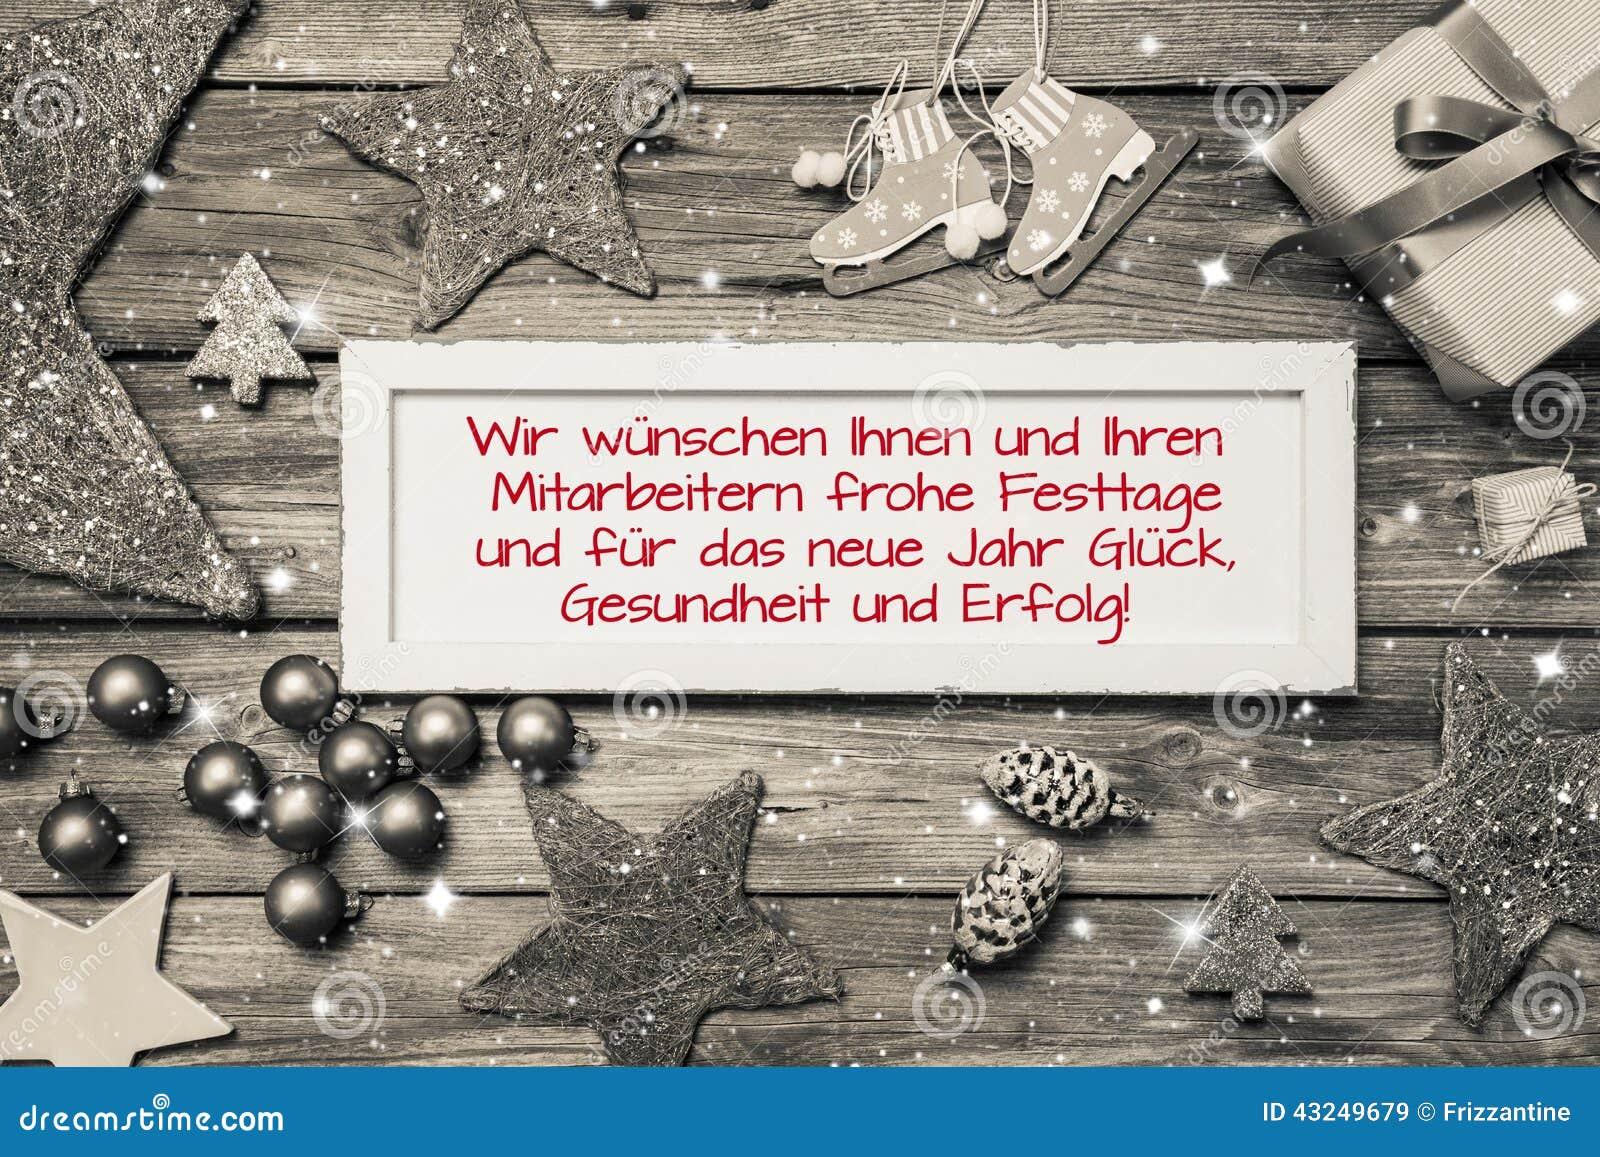 Auguri Buon Natale In Tedesco.Cartolina D Auguri Per Natale Con Testo Tedesco Per Il Buon Natale Immagine Stock Immagine Di Regalo Pubblicit 43249679